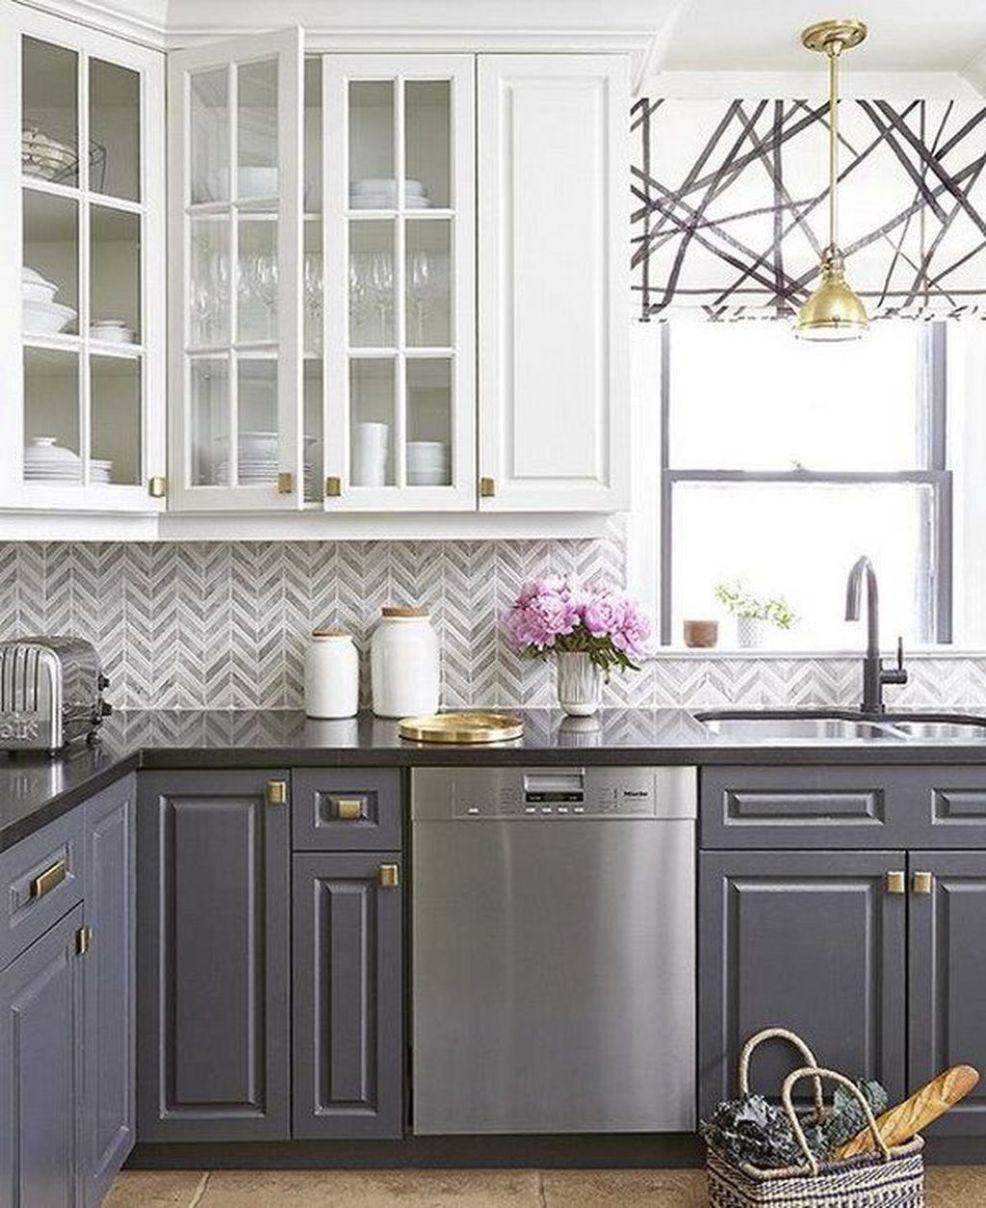 20 Ideas For Grey Kitchens Both: 20+ Amazing Kitchen Tile Backsplash Ideas